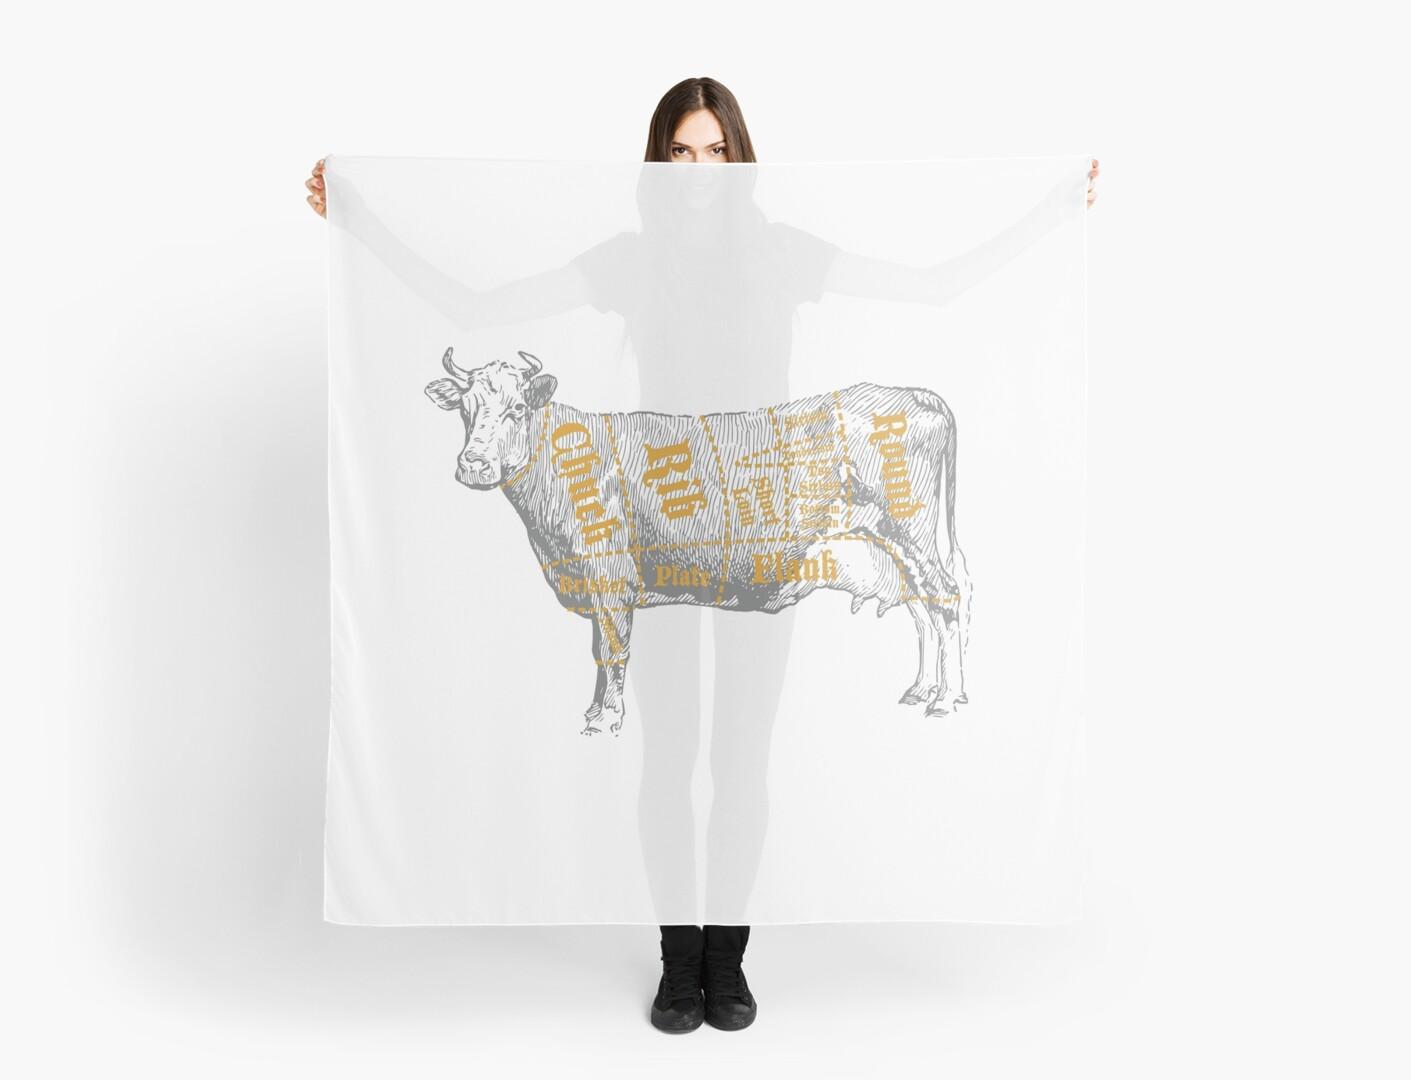 Rindfleisch-Steak-Kuh-Metzger-Schnitt-Diagramm\